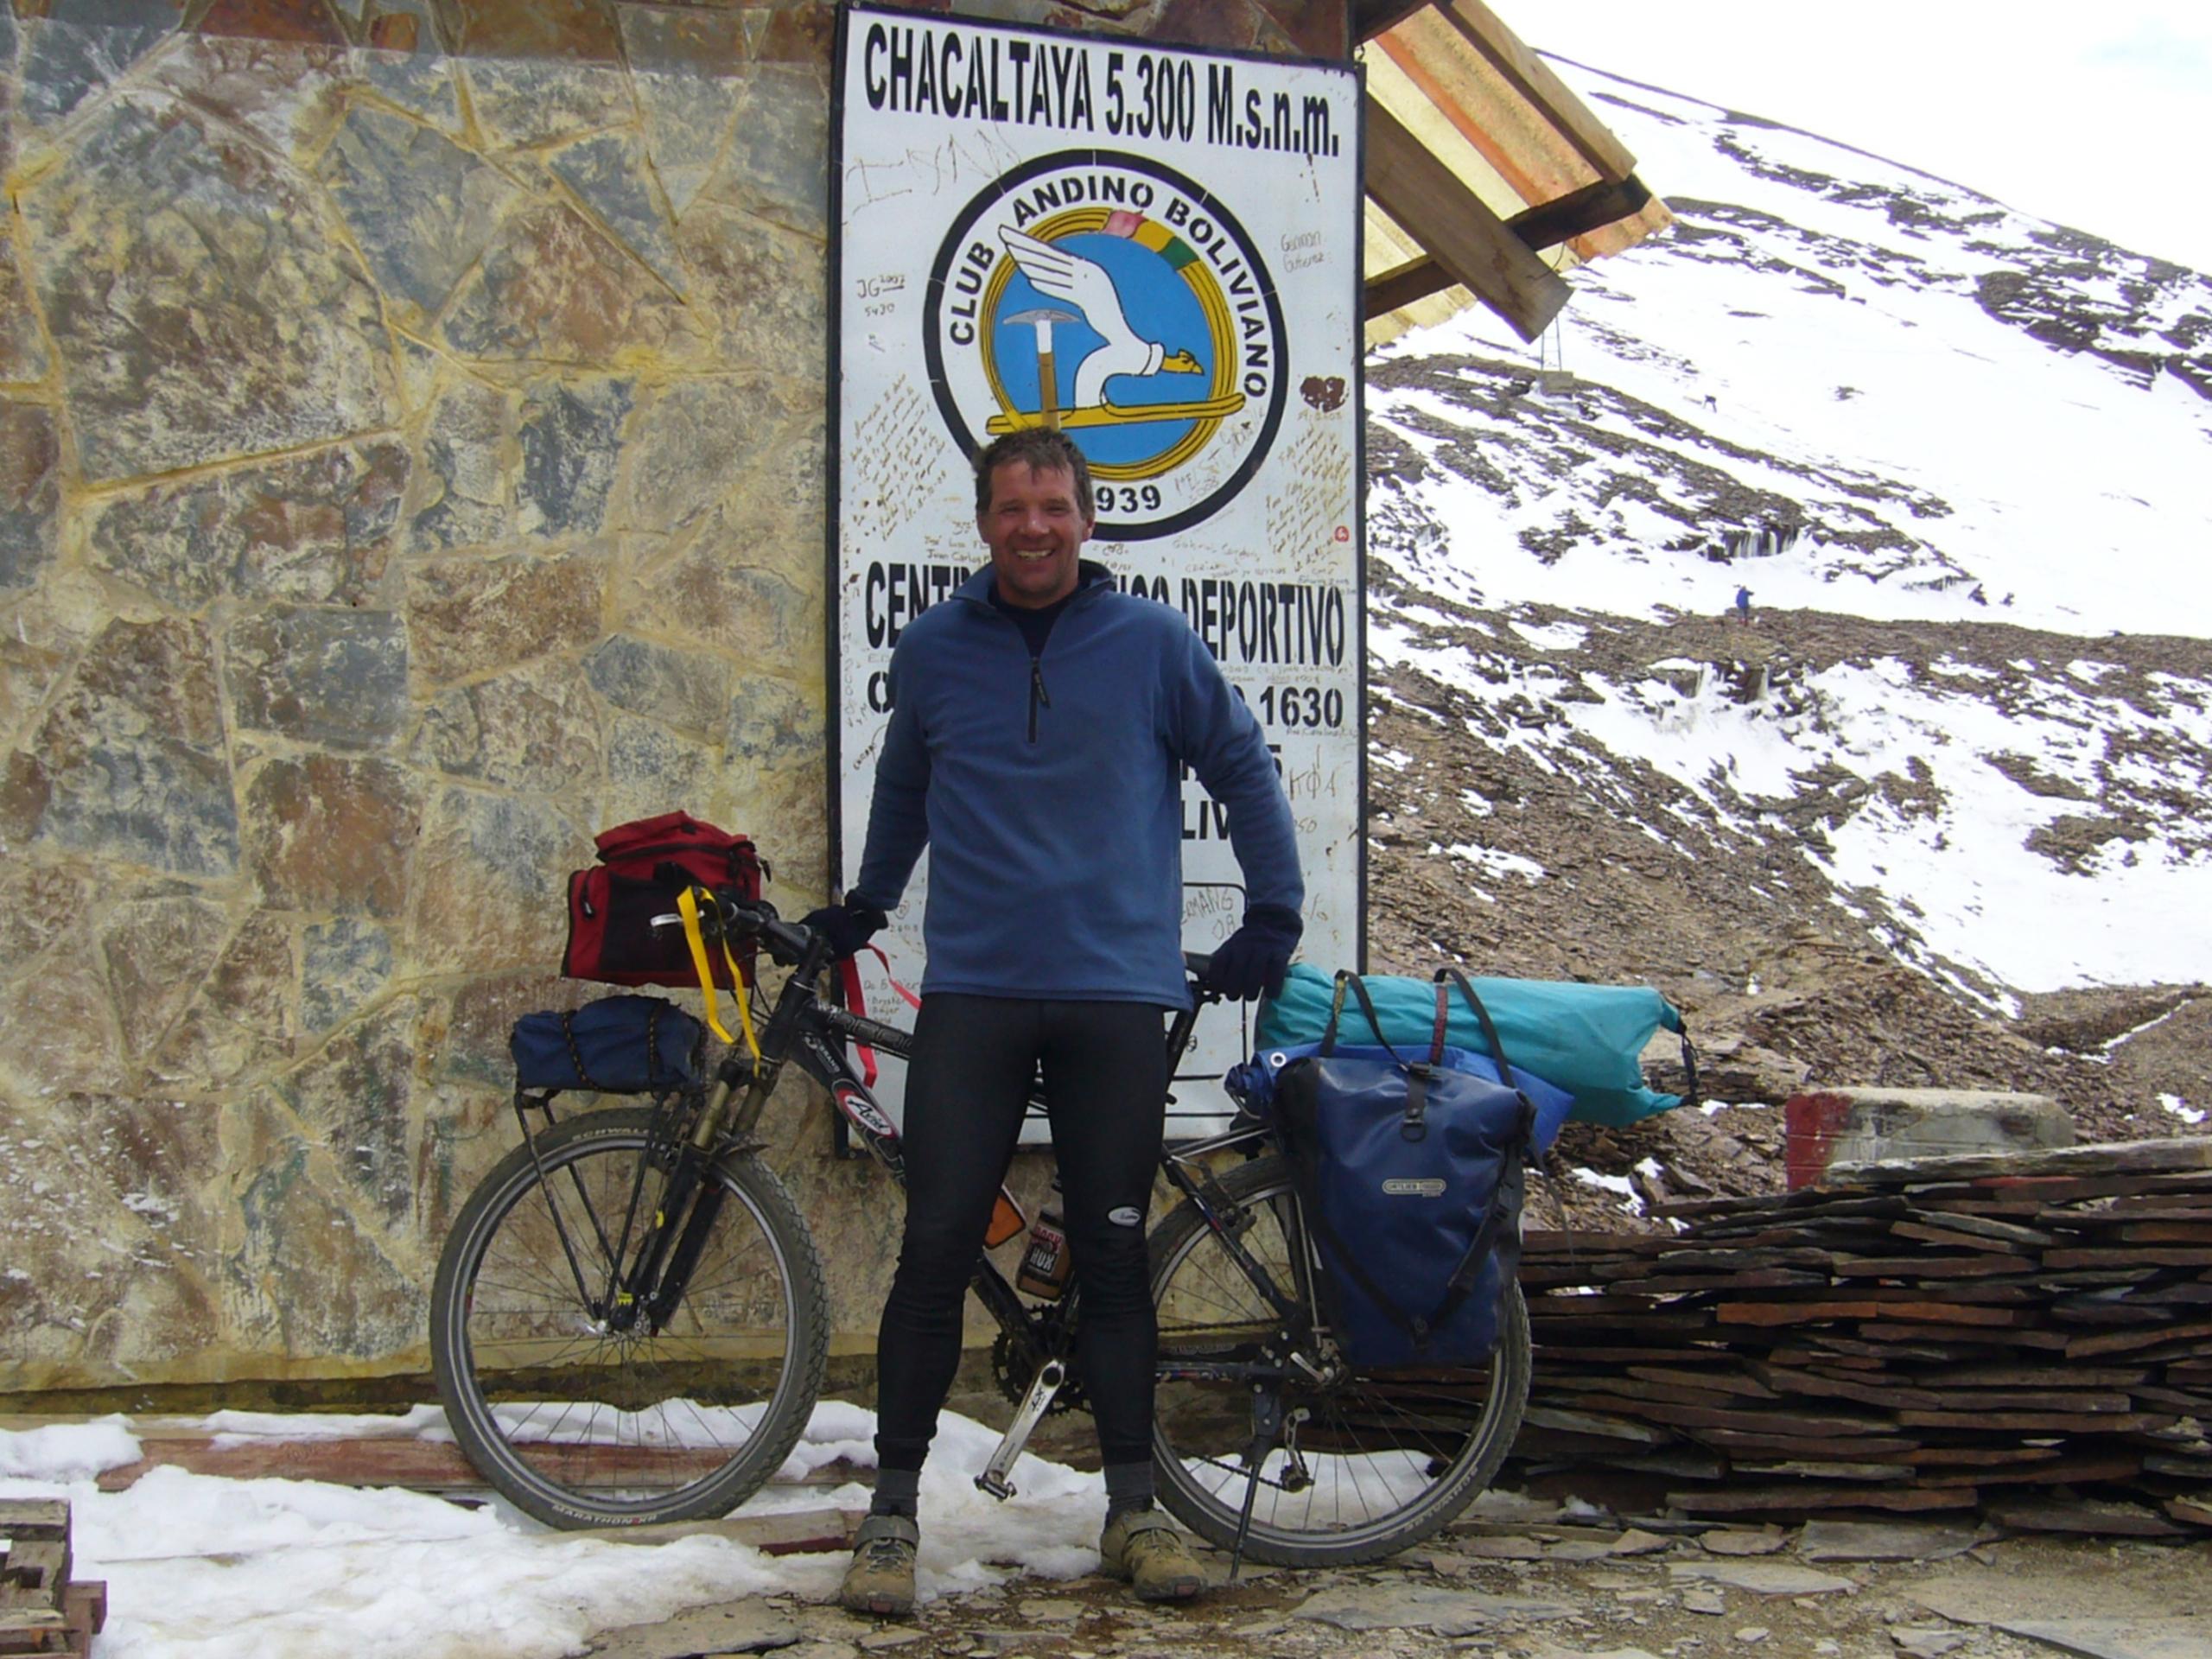 Radreise Peru 2008 - Chacaltaya - (5.300m)